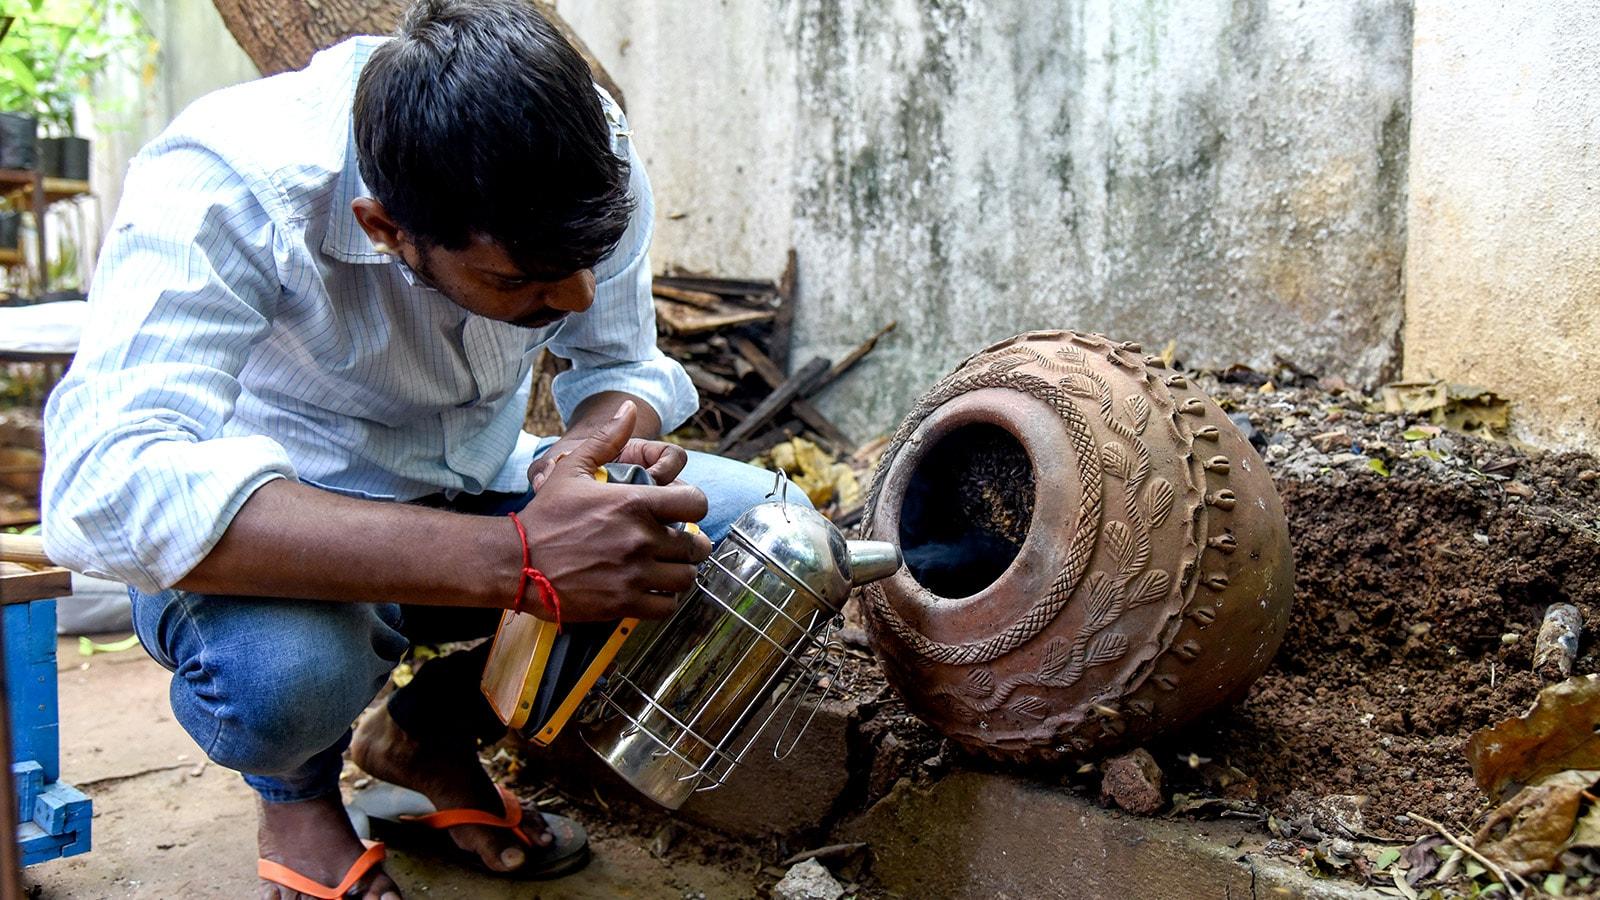 Ruche dans une jarre dans le jardin d'un particulier en Inde. © Getty – Hindustan Times